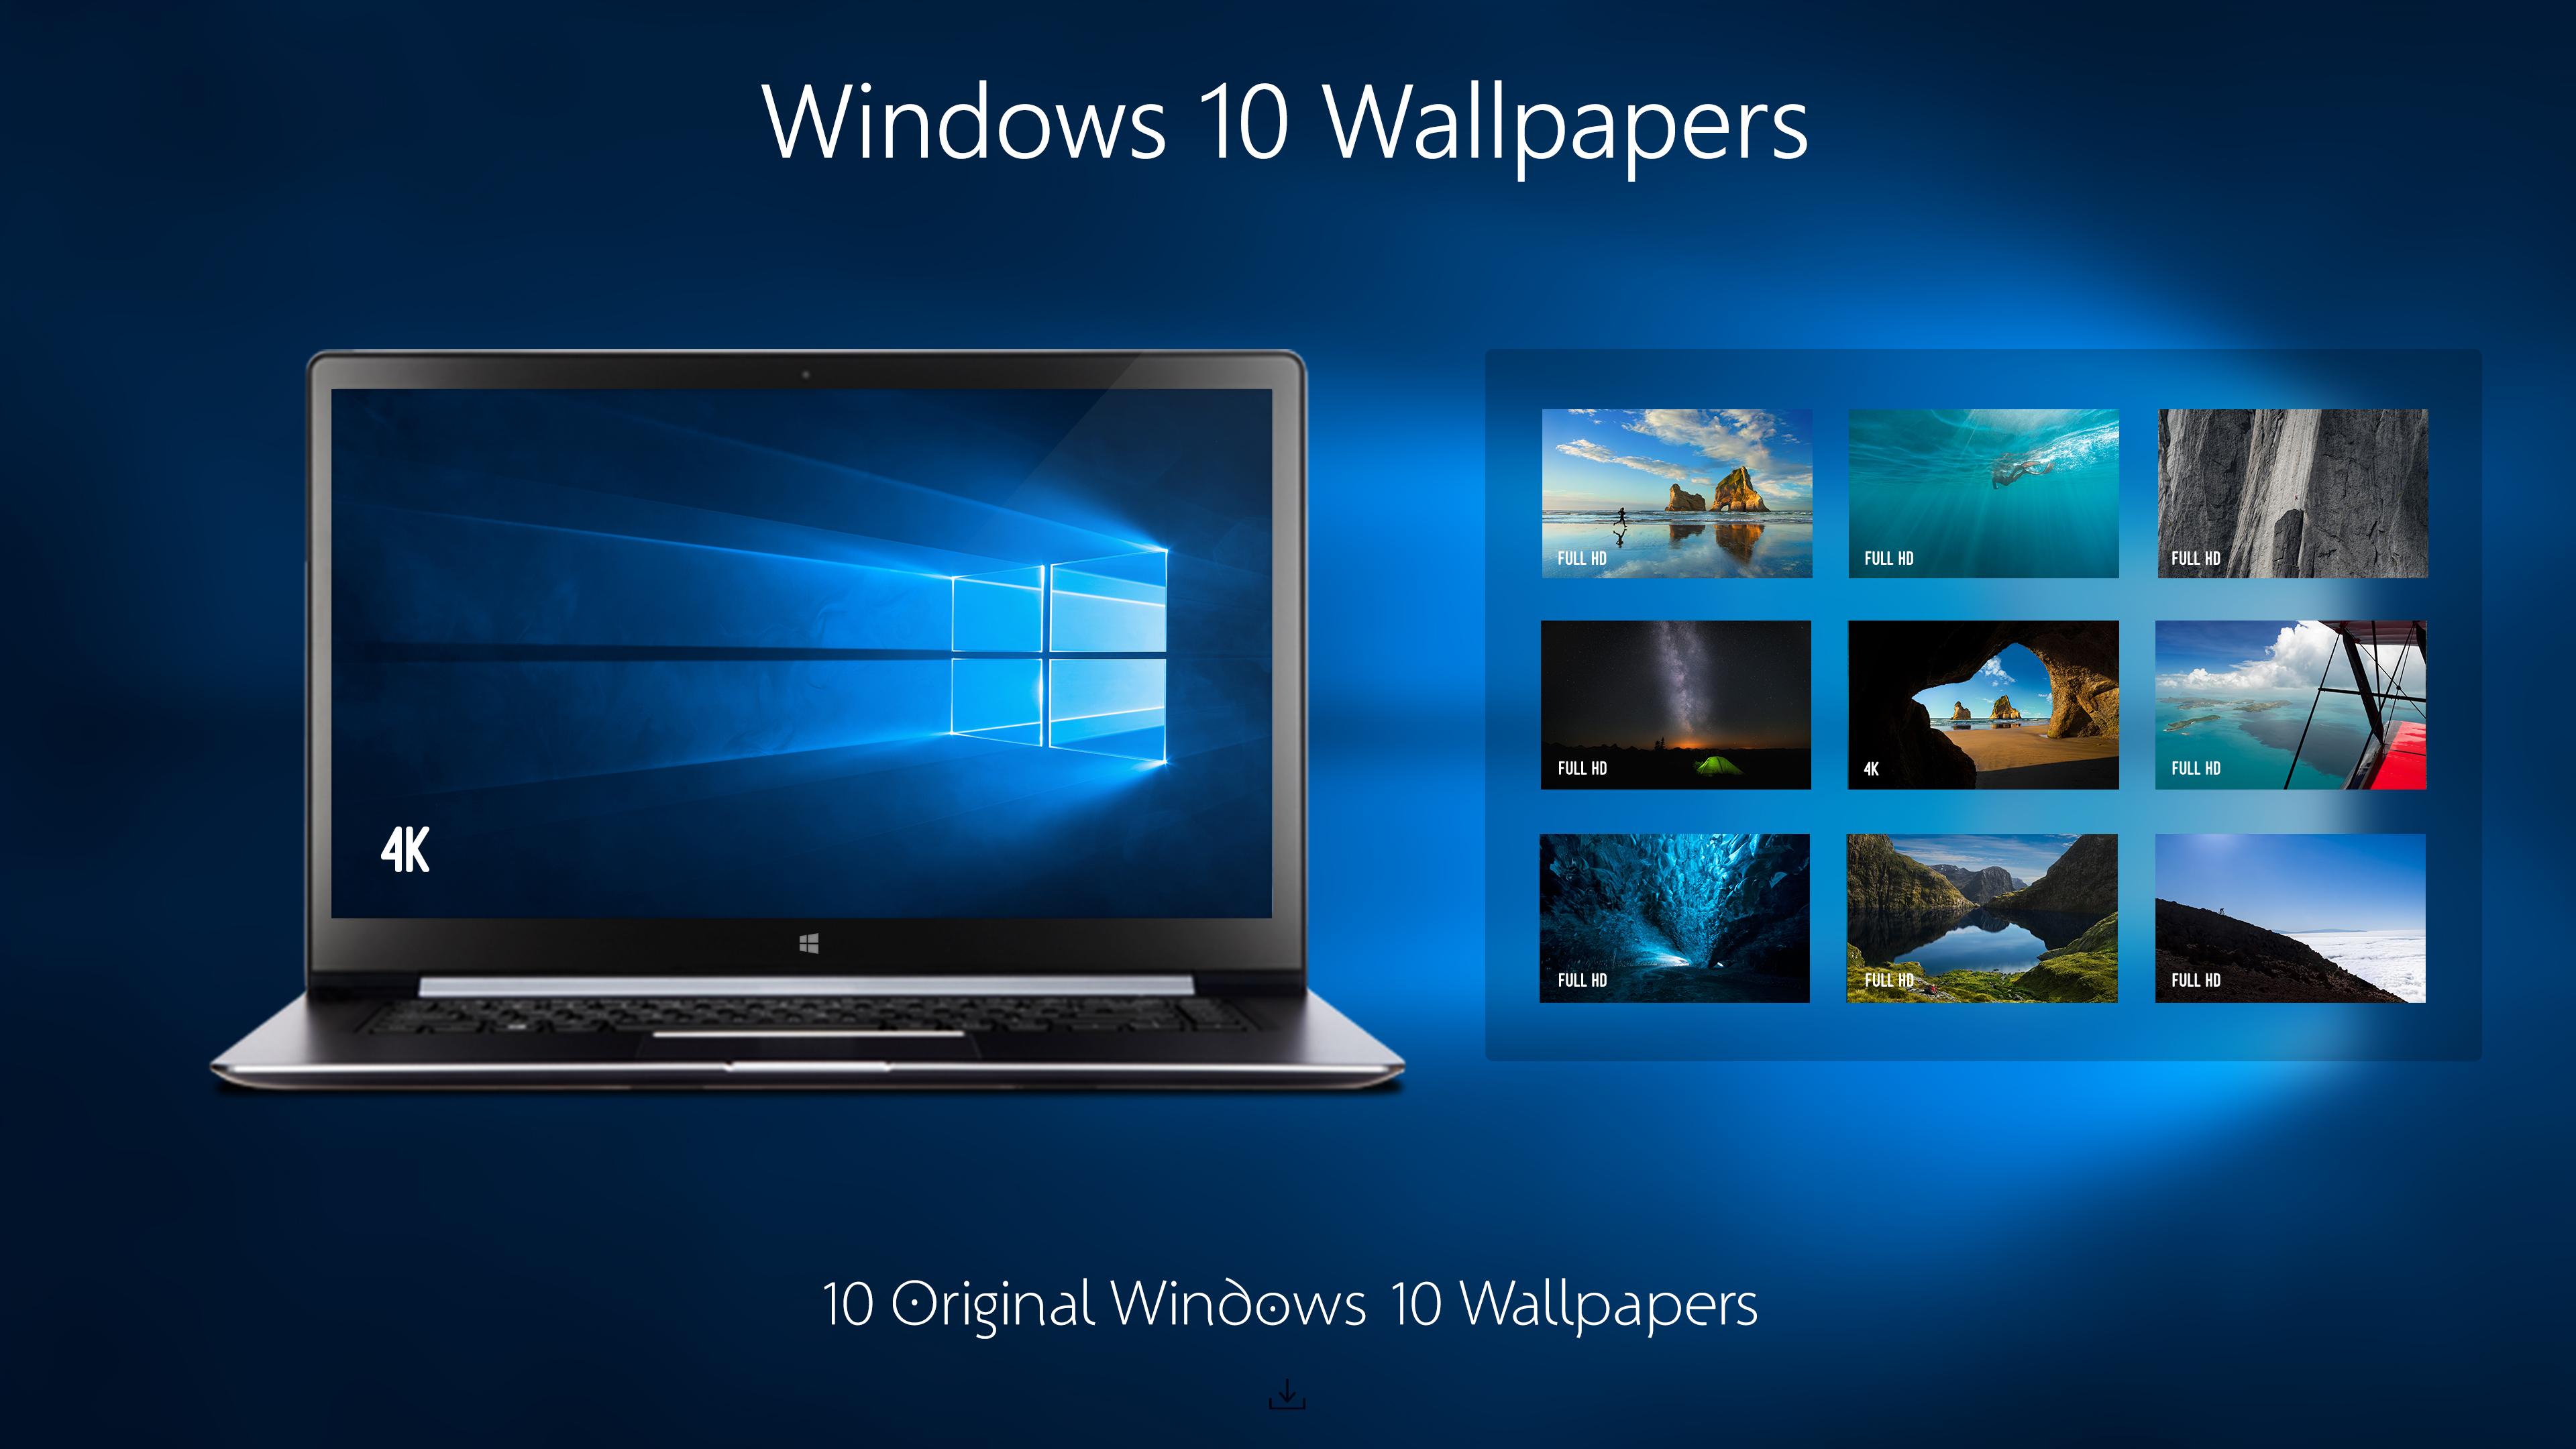 Windows 10 hero wallpaper 4k wallpapersafari - Windows 10 4k wallpaper pack ...